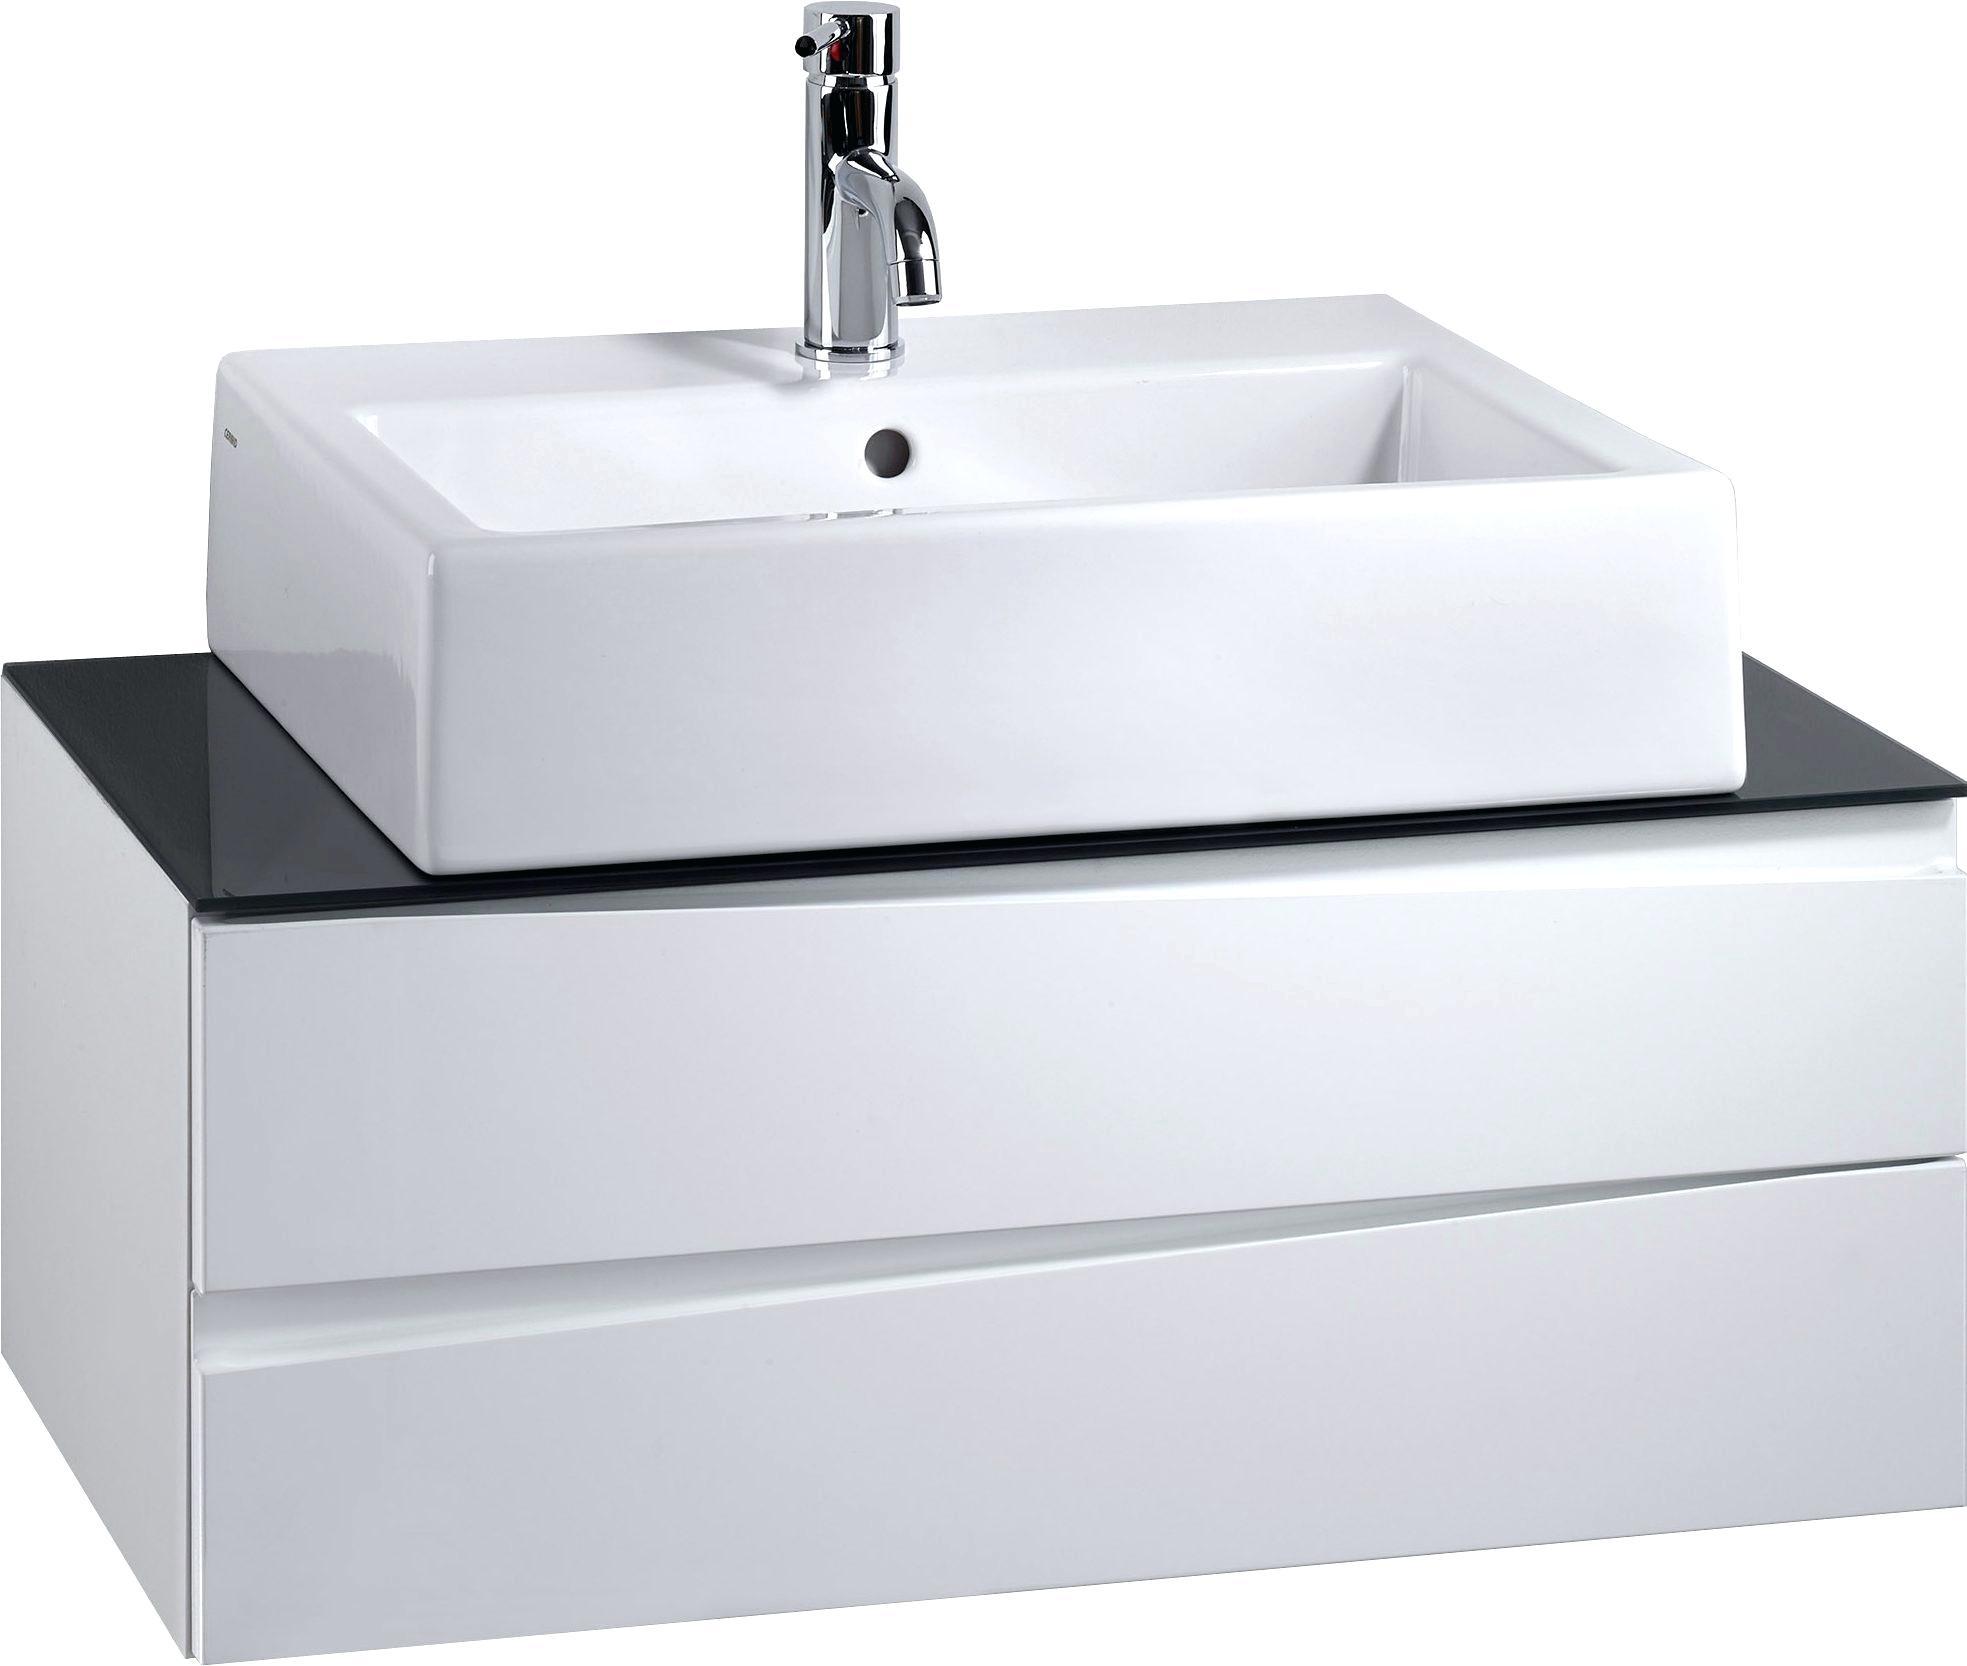 waschtisch asharpcuta mit anschlagdampfern kaufen otto aufsatzwaschbecken 60 cm gaste wc